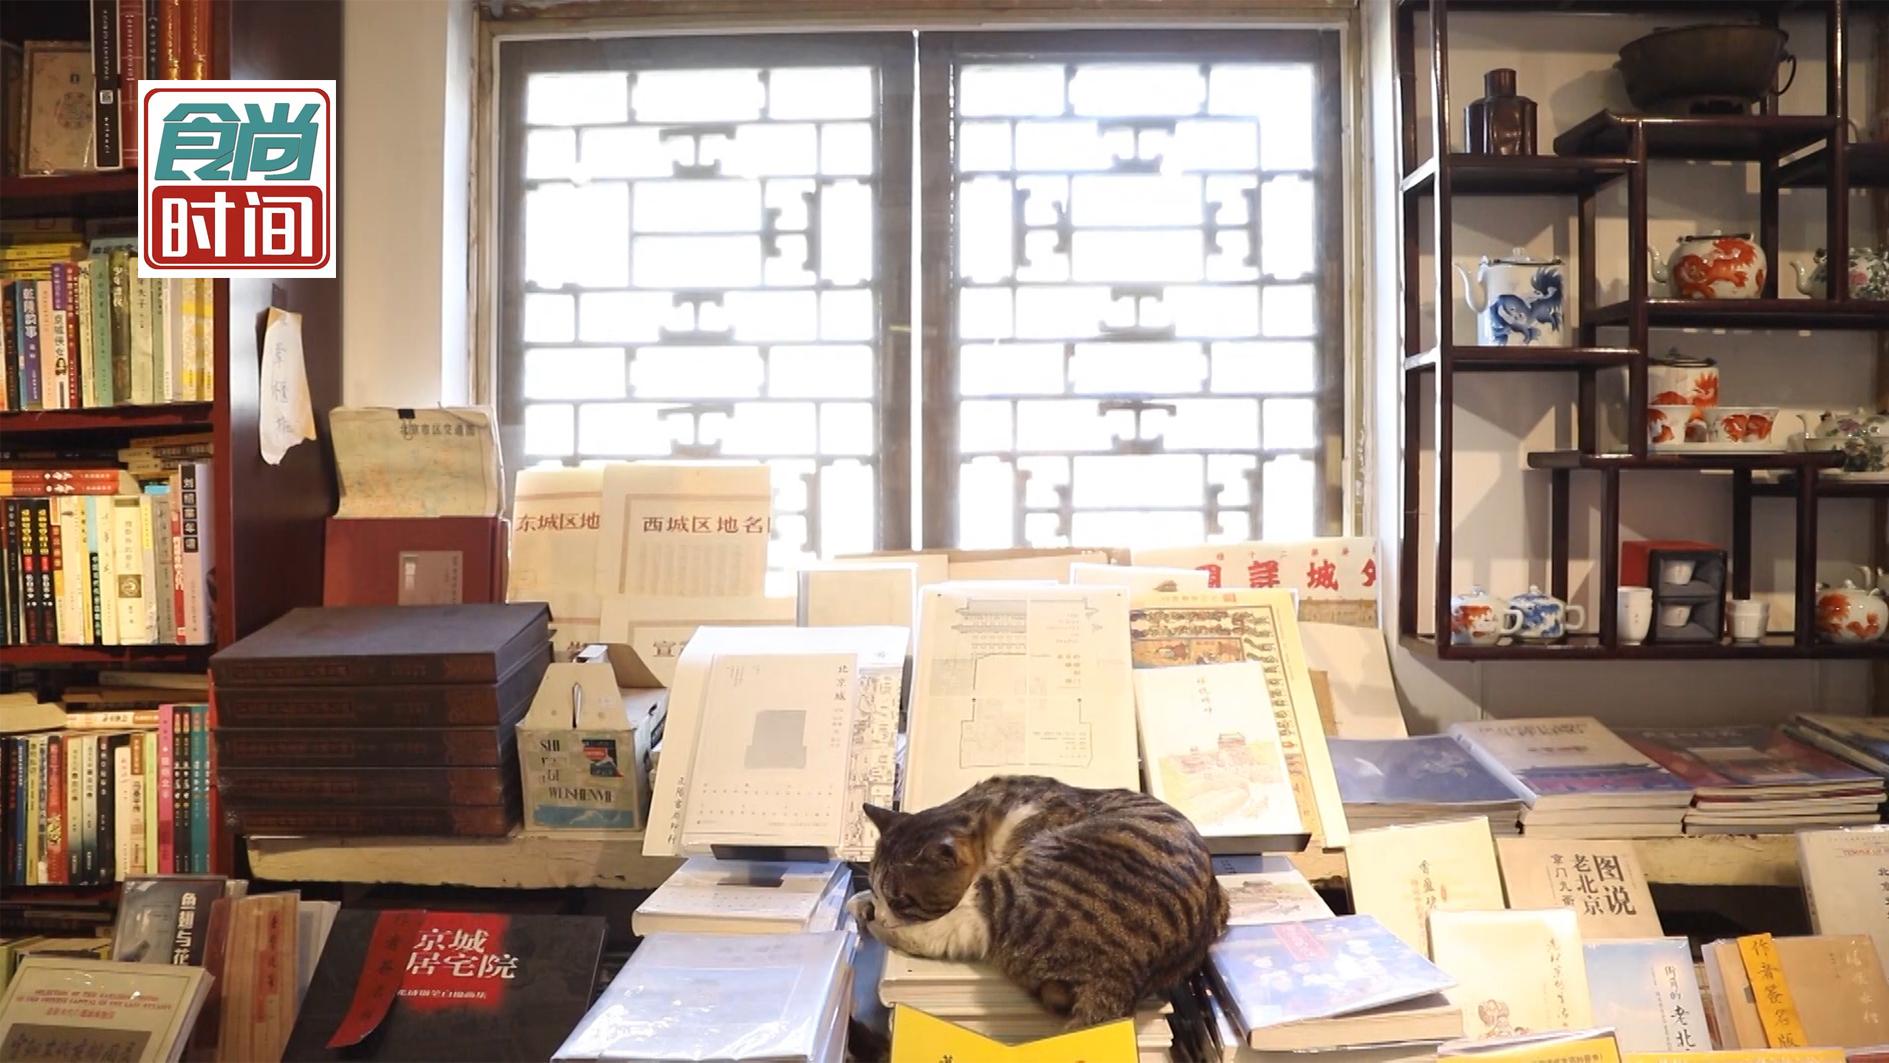 宅家的你 书读完了吗?带你走进北京最有情怀的四合院书店